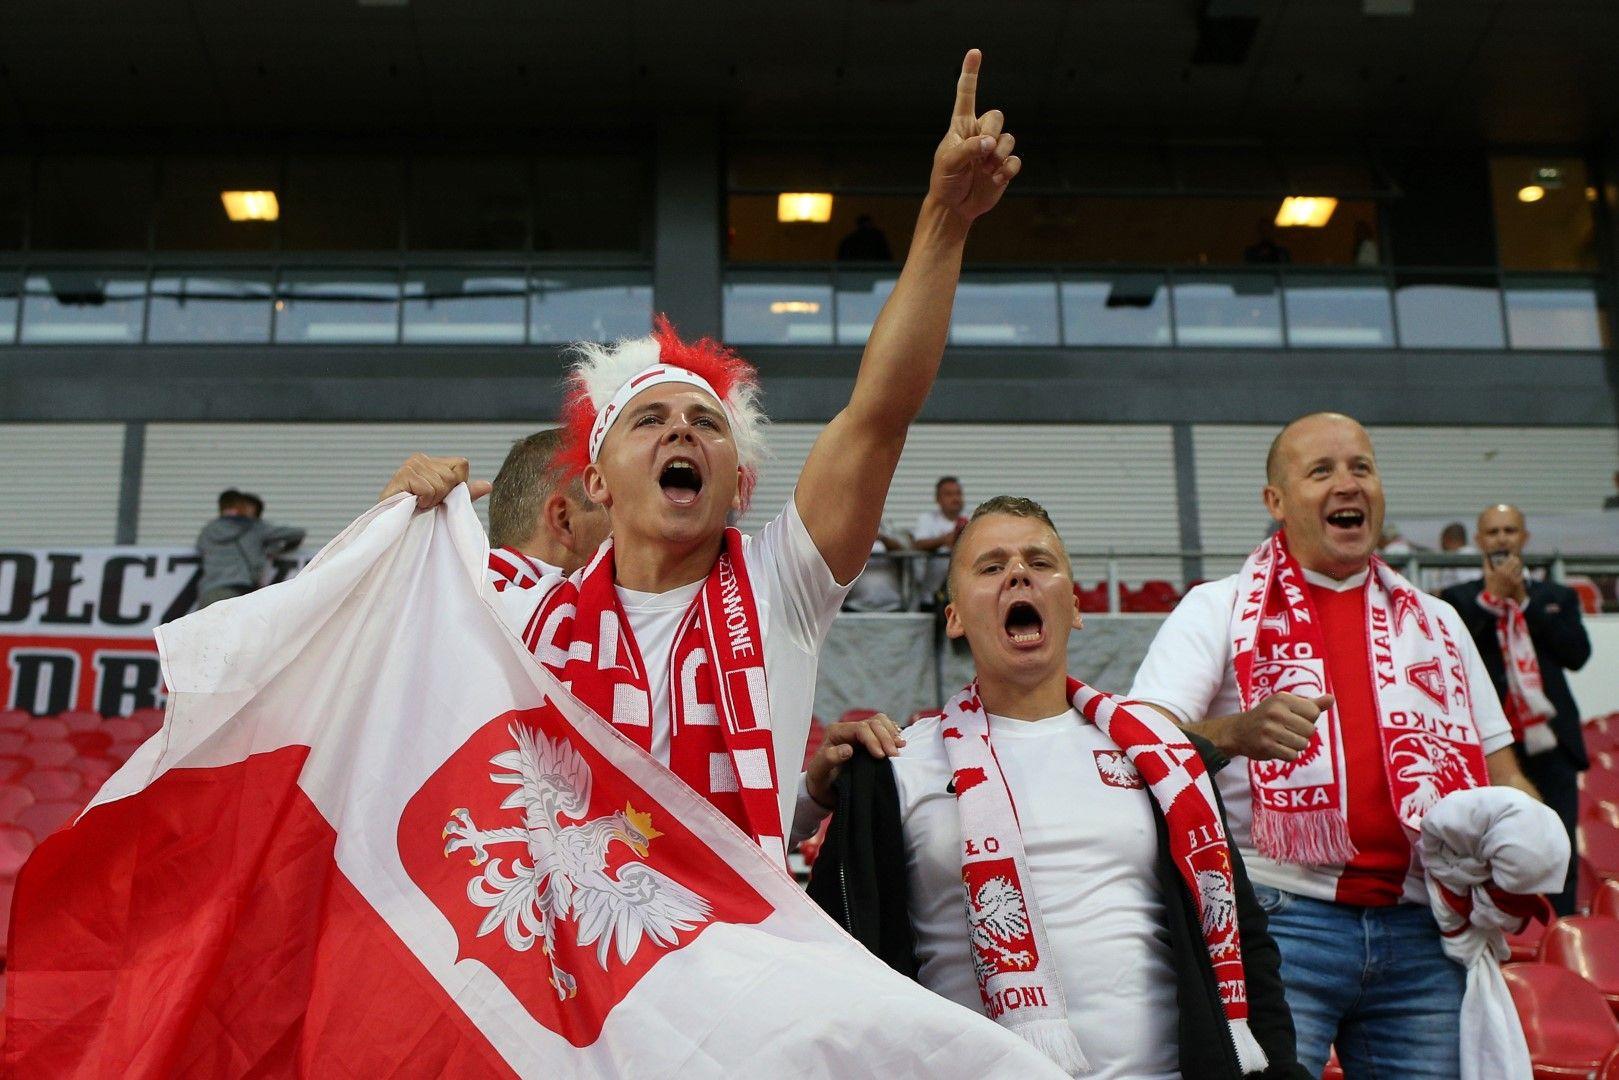 Не е изключено да има сблъсъци между руски и полски фенове на Мондиала